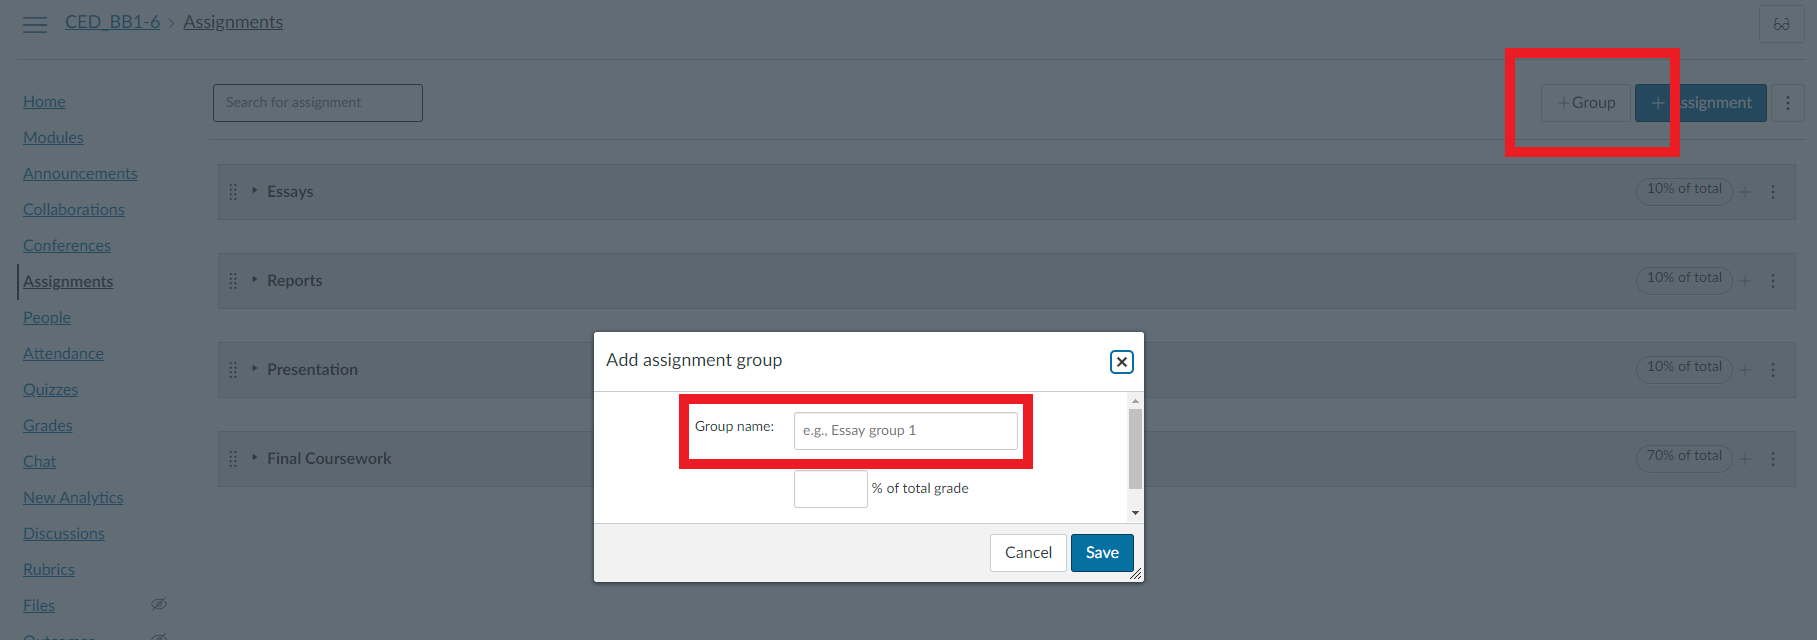 Add Assignment Group Screenshot